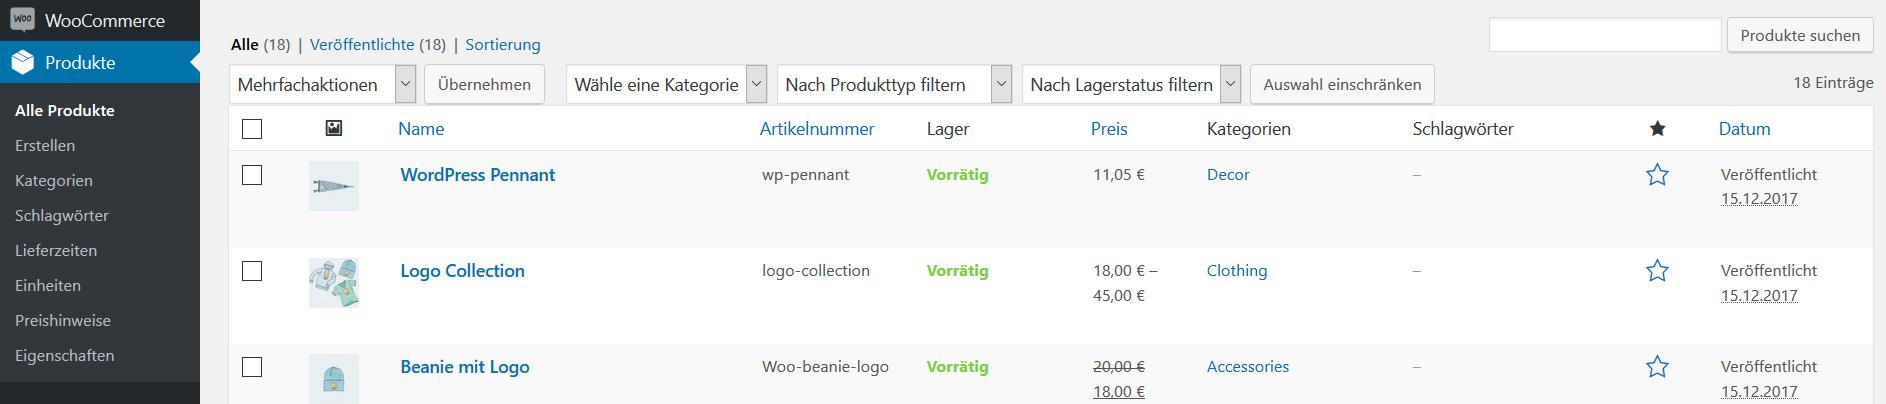 WooCommerce-Produktverwaltung